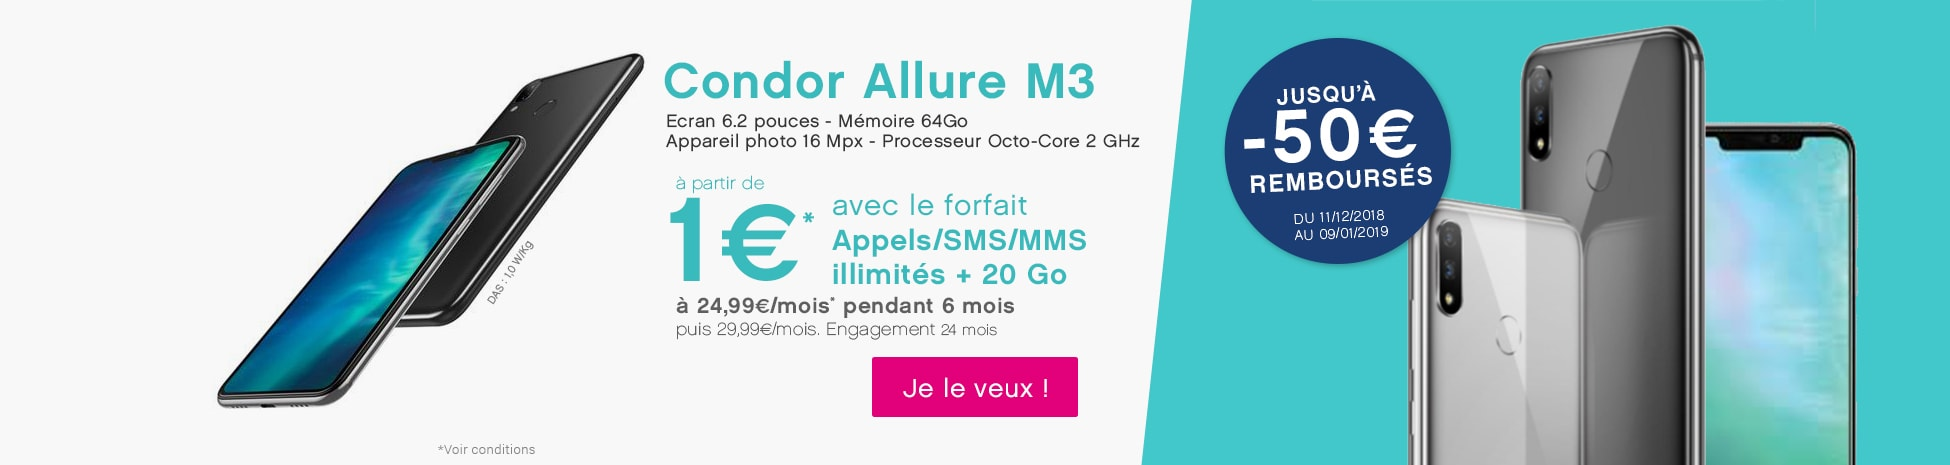 Condor Allure M3 à 1€ avec un forfait idéal smartphone 20Go à 24.99€ par mois pendant 24 mois